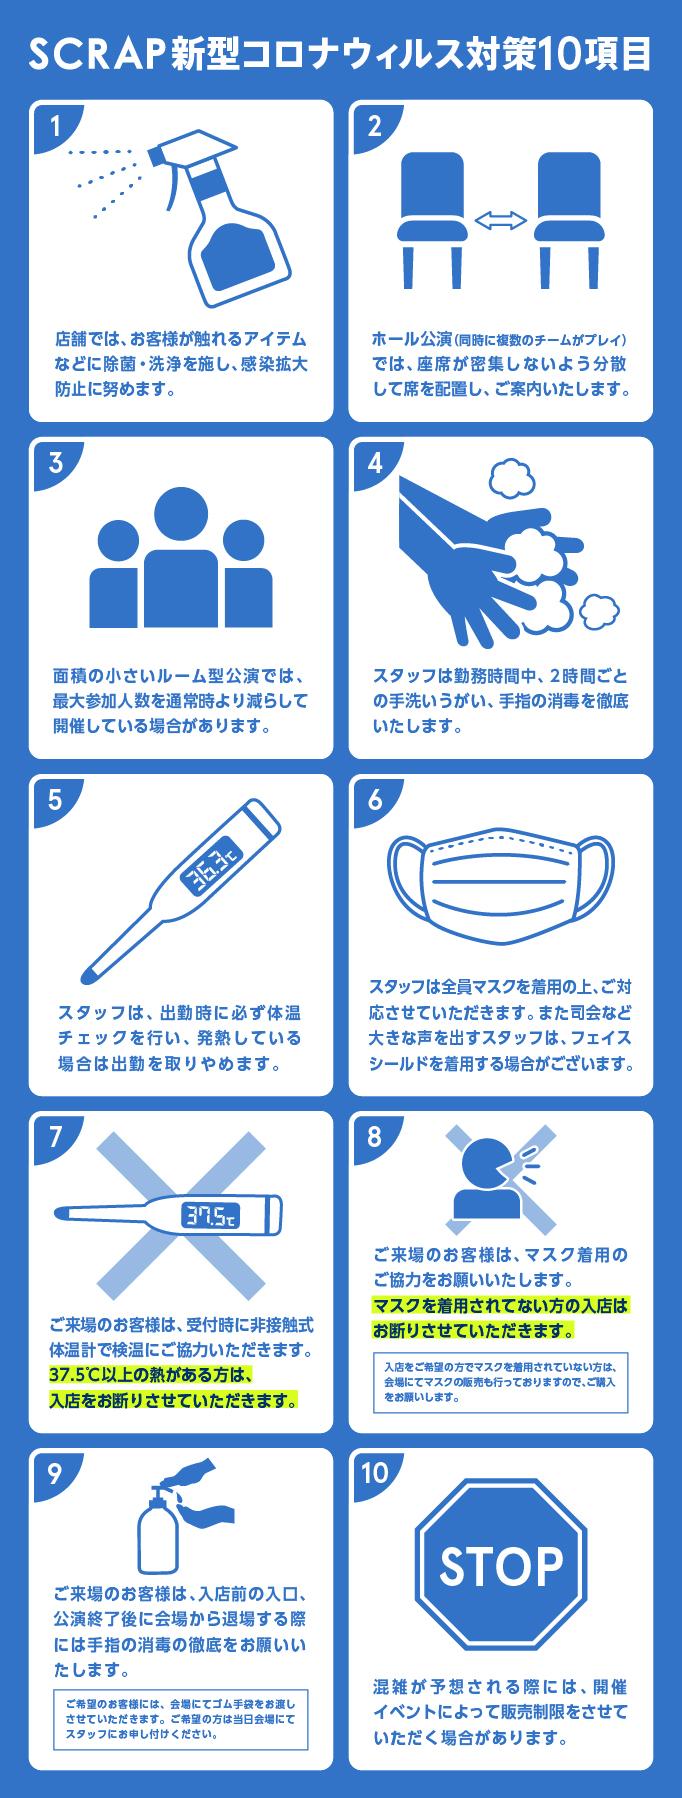 新型コロナ対策10項目.jpg